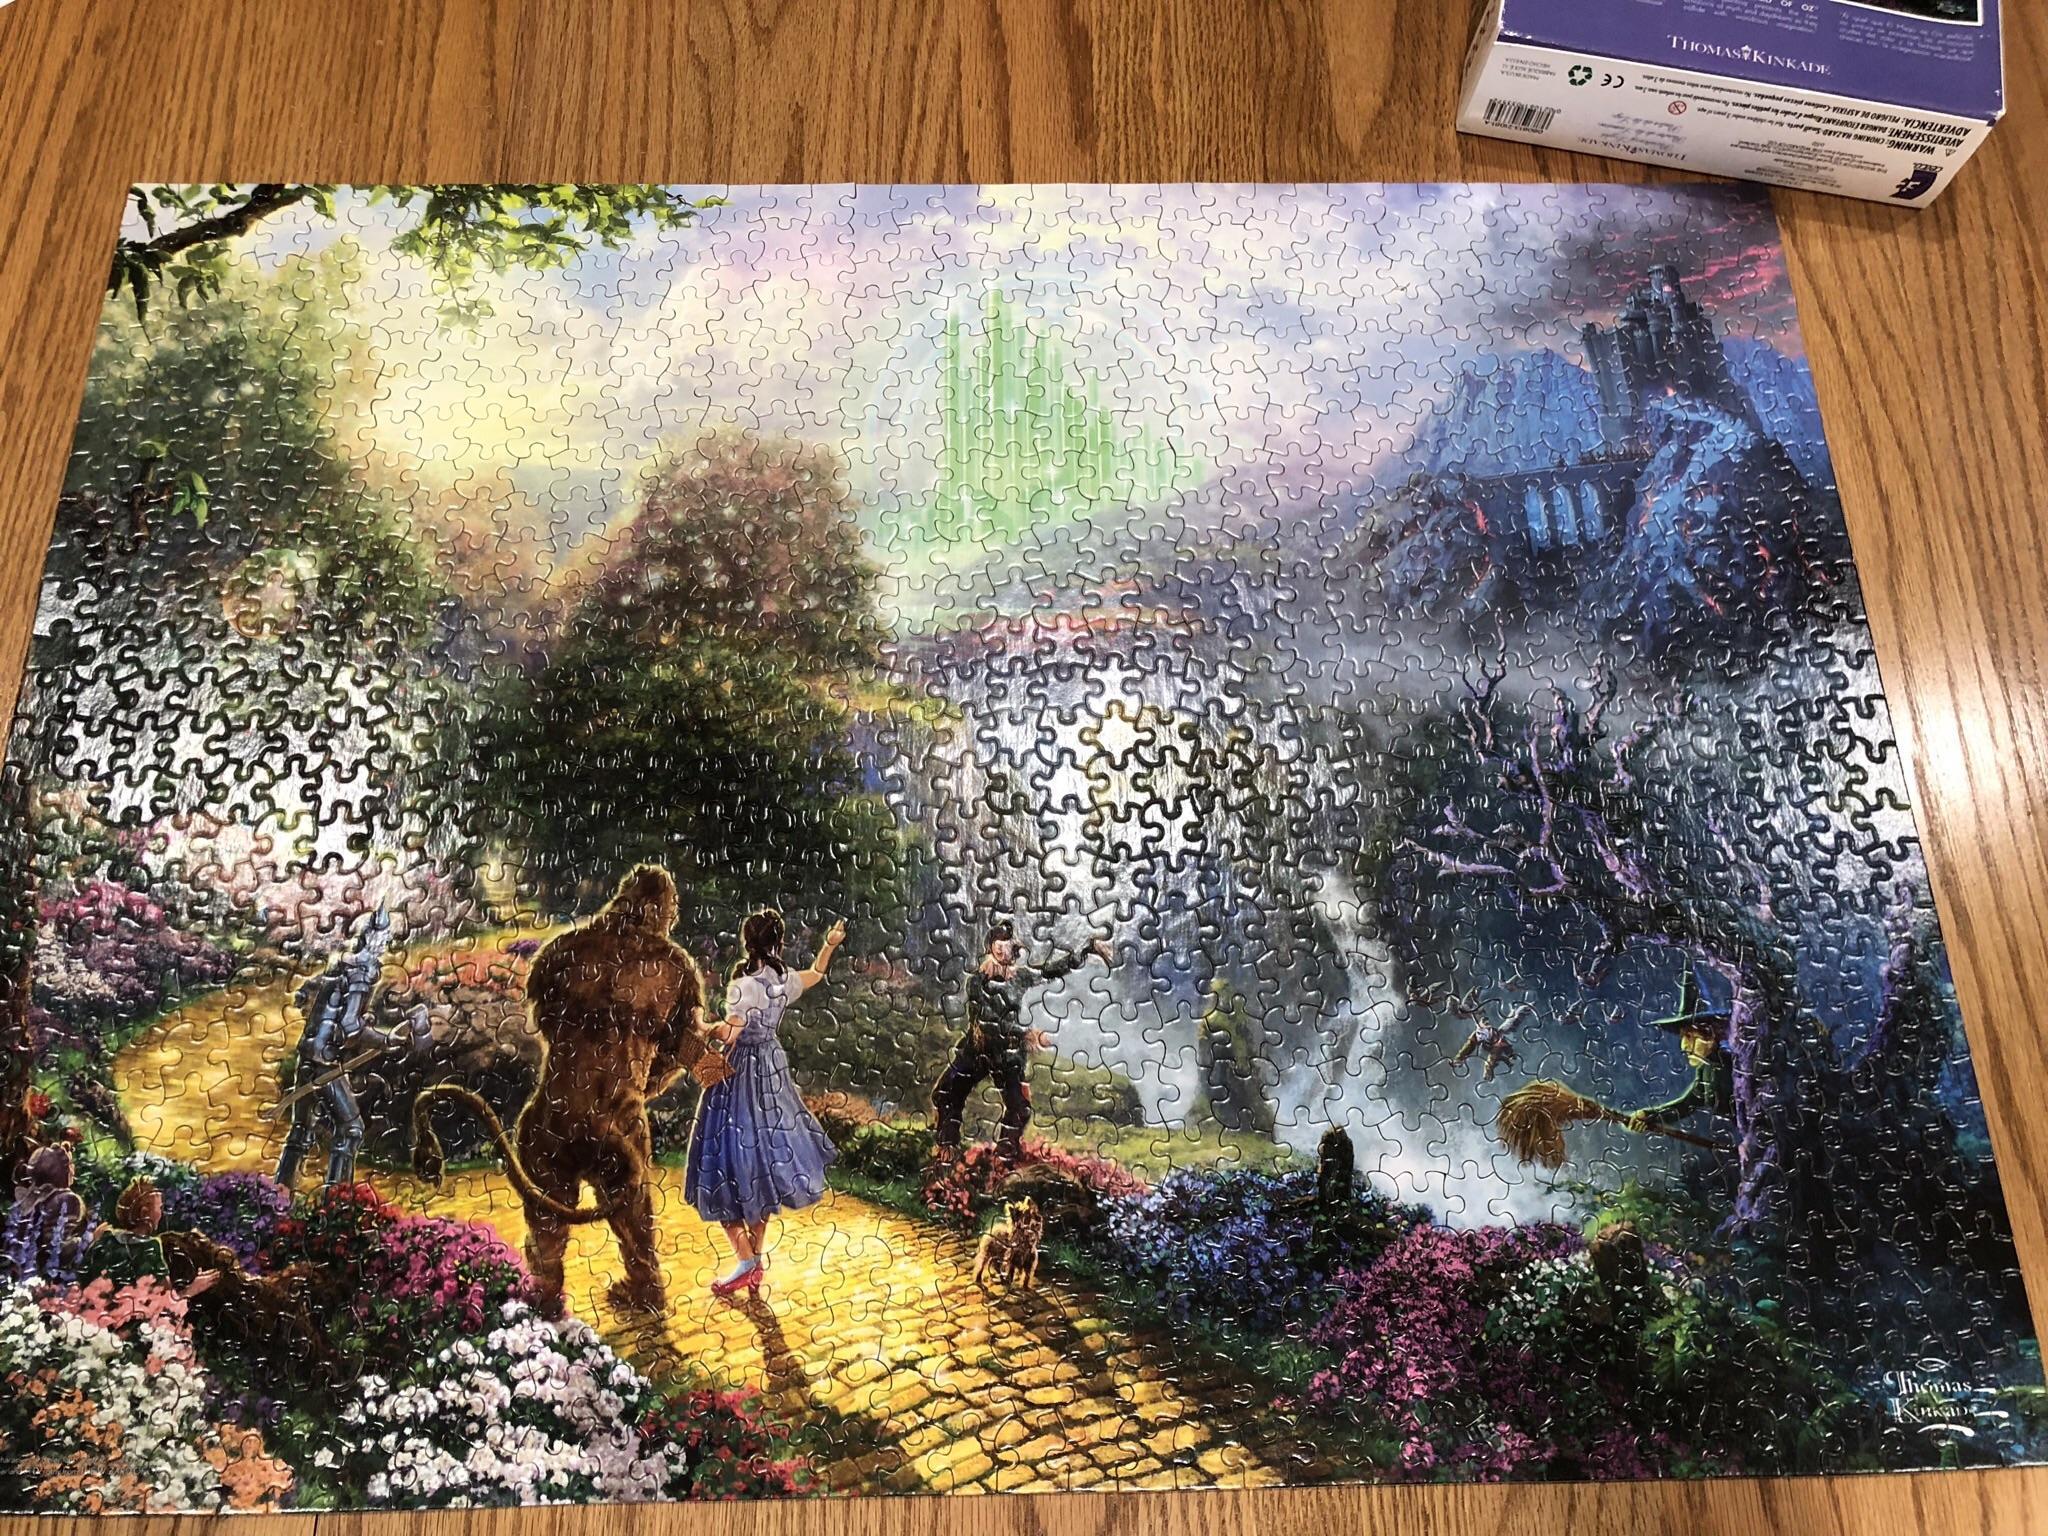 The Wizard Of Oz Thomas Kinkade Pieces Sorry For